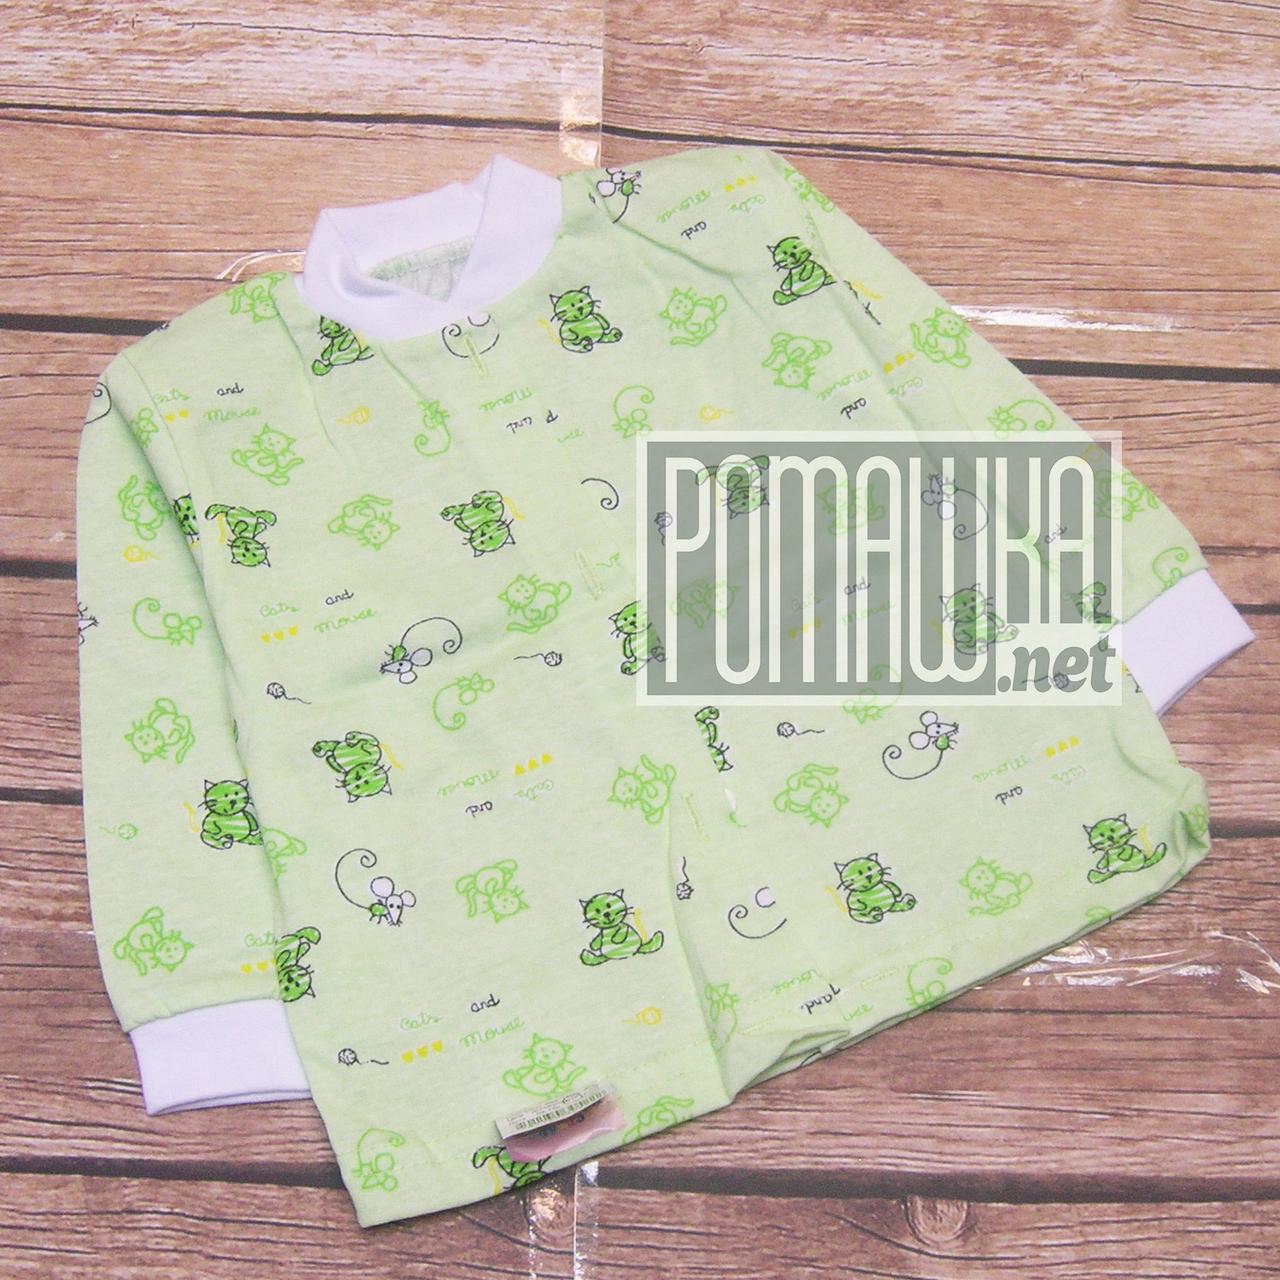 Тонкая хлопковая кофта р 86 (9 10 12 месяцев) на кнопках для новорожденного  детская ткань КУЛИР 4613 Зеленый 2103bbce349e6